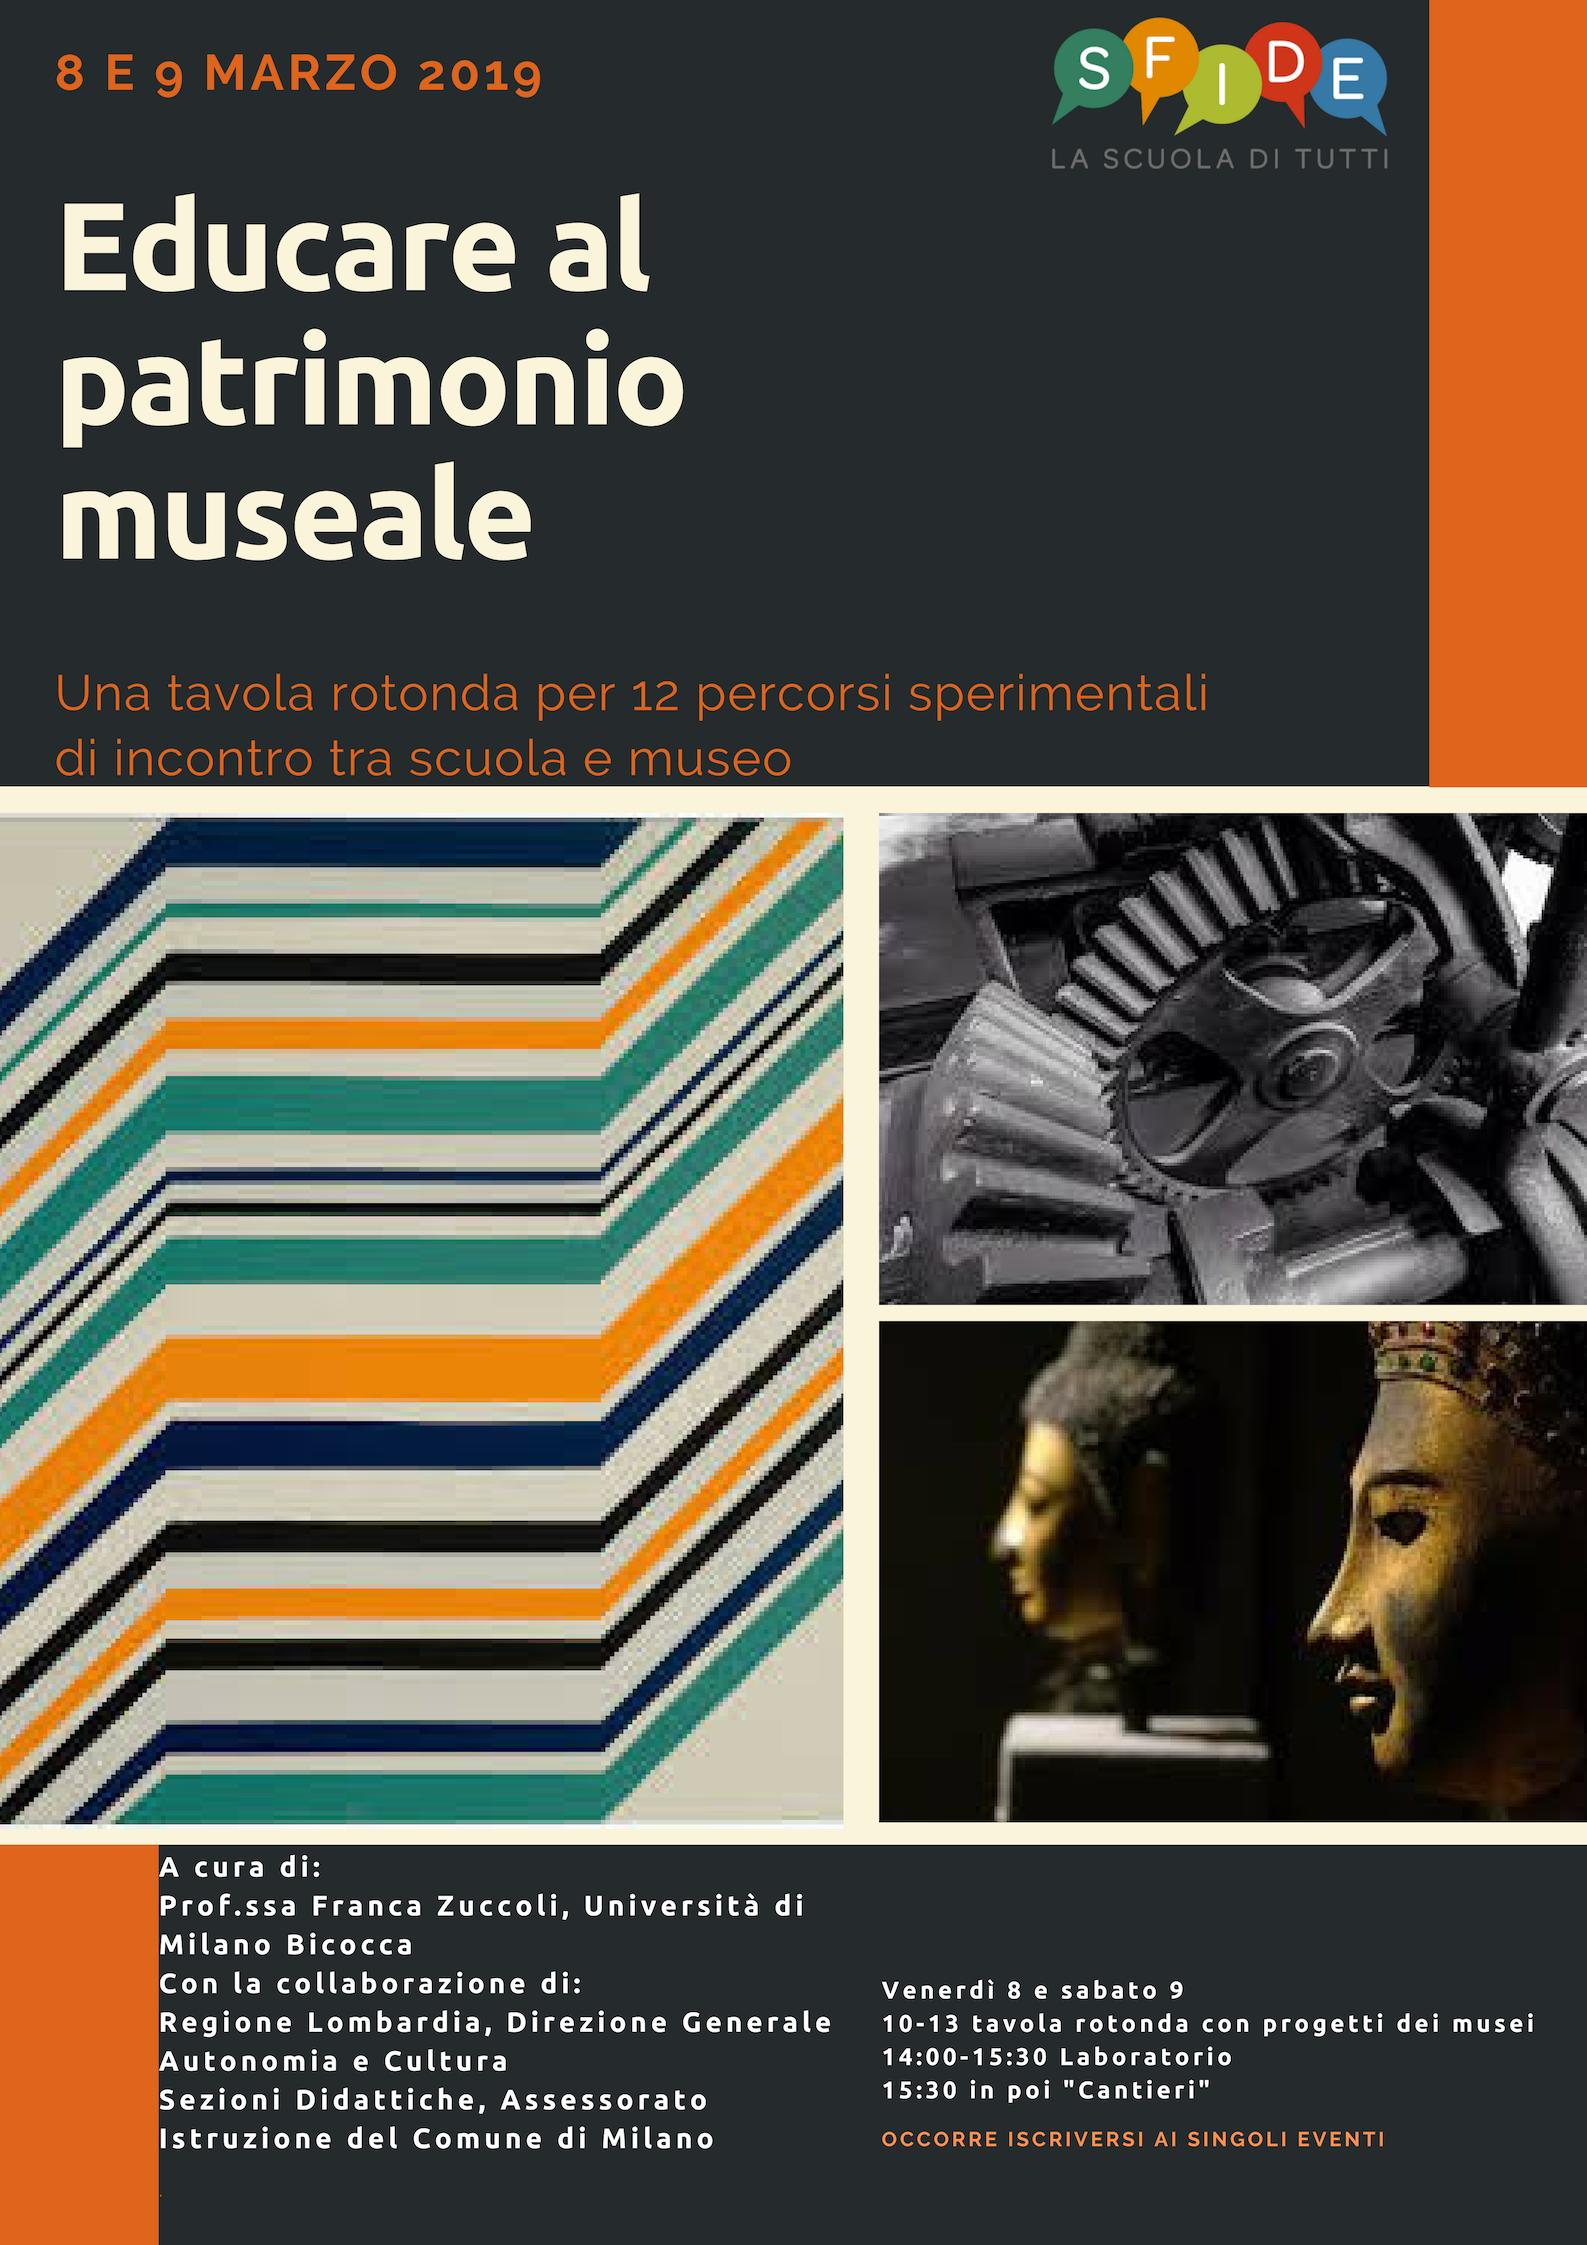 https://www.sfide-lascuoladitutti.it/wp-content/uploads/2019/01/Educare-al-patrimonio-museale.png